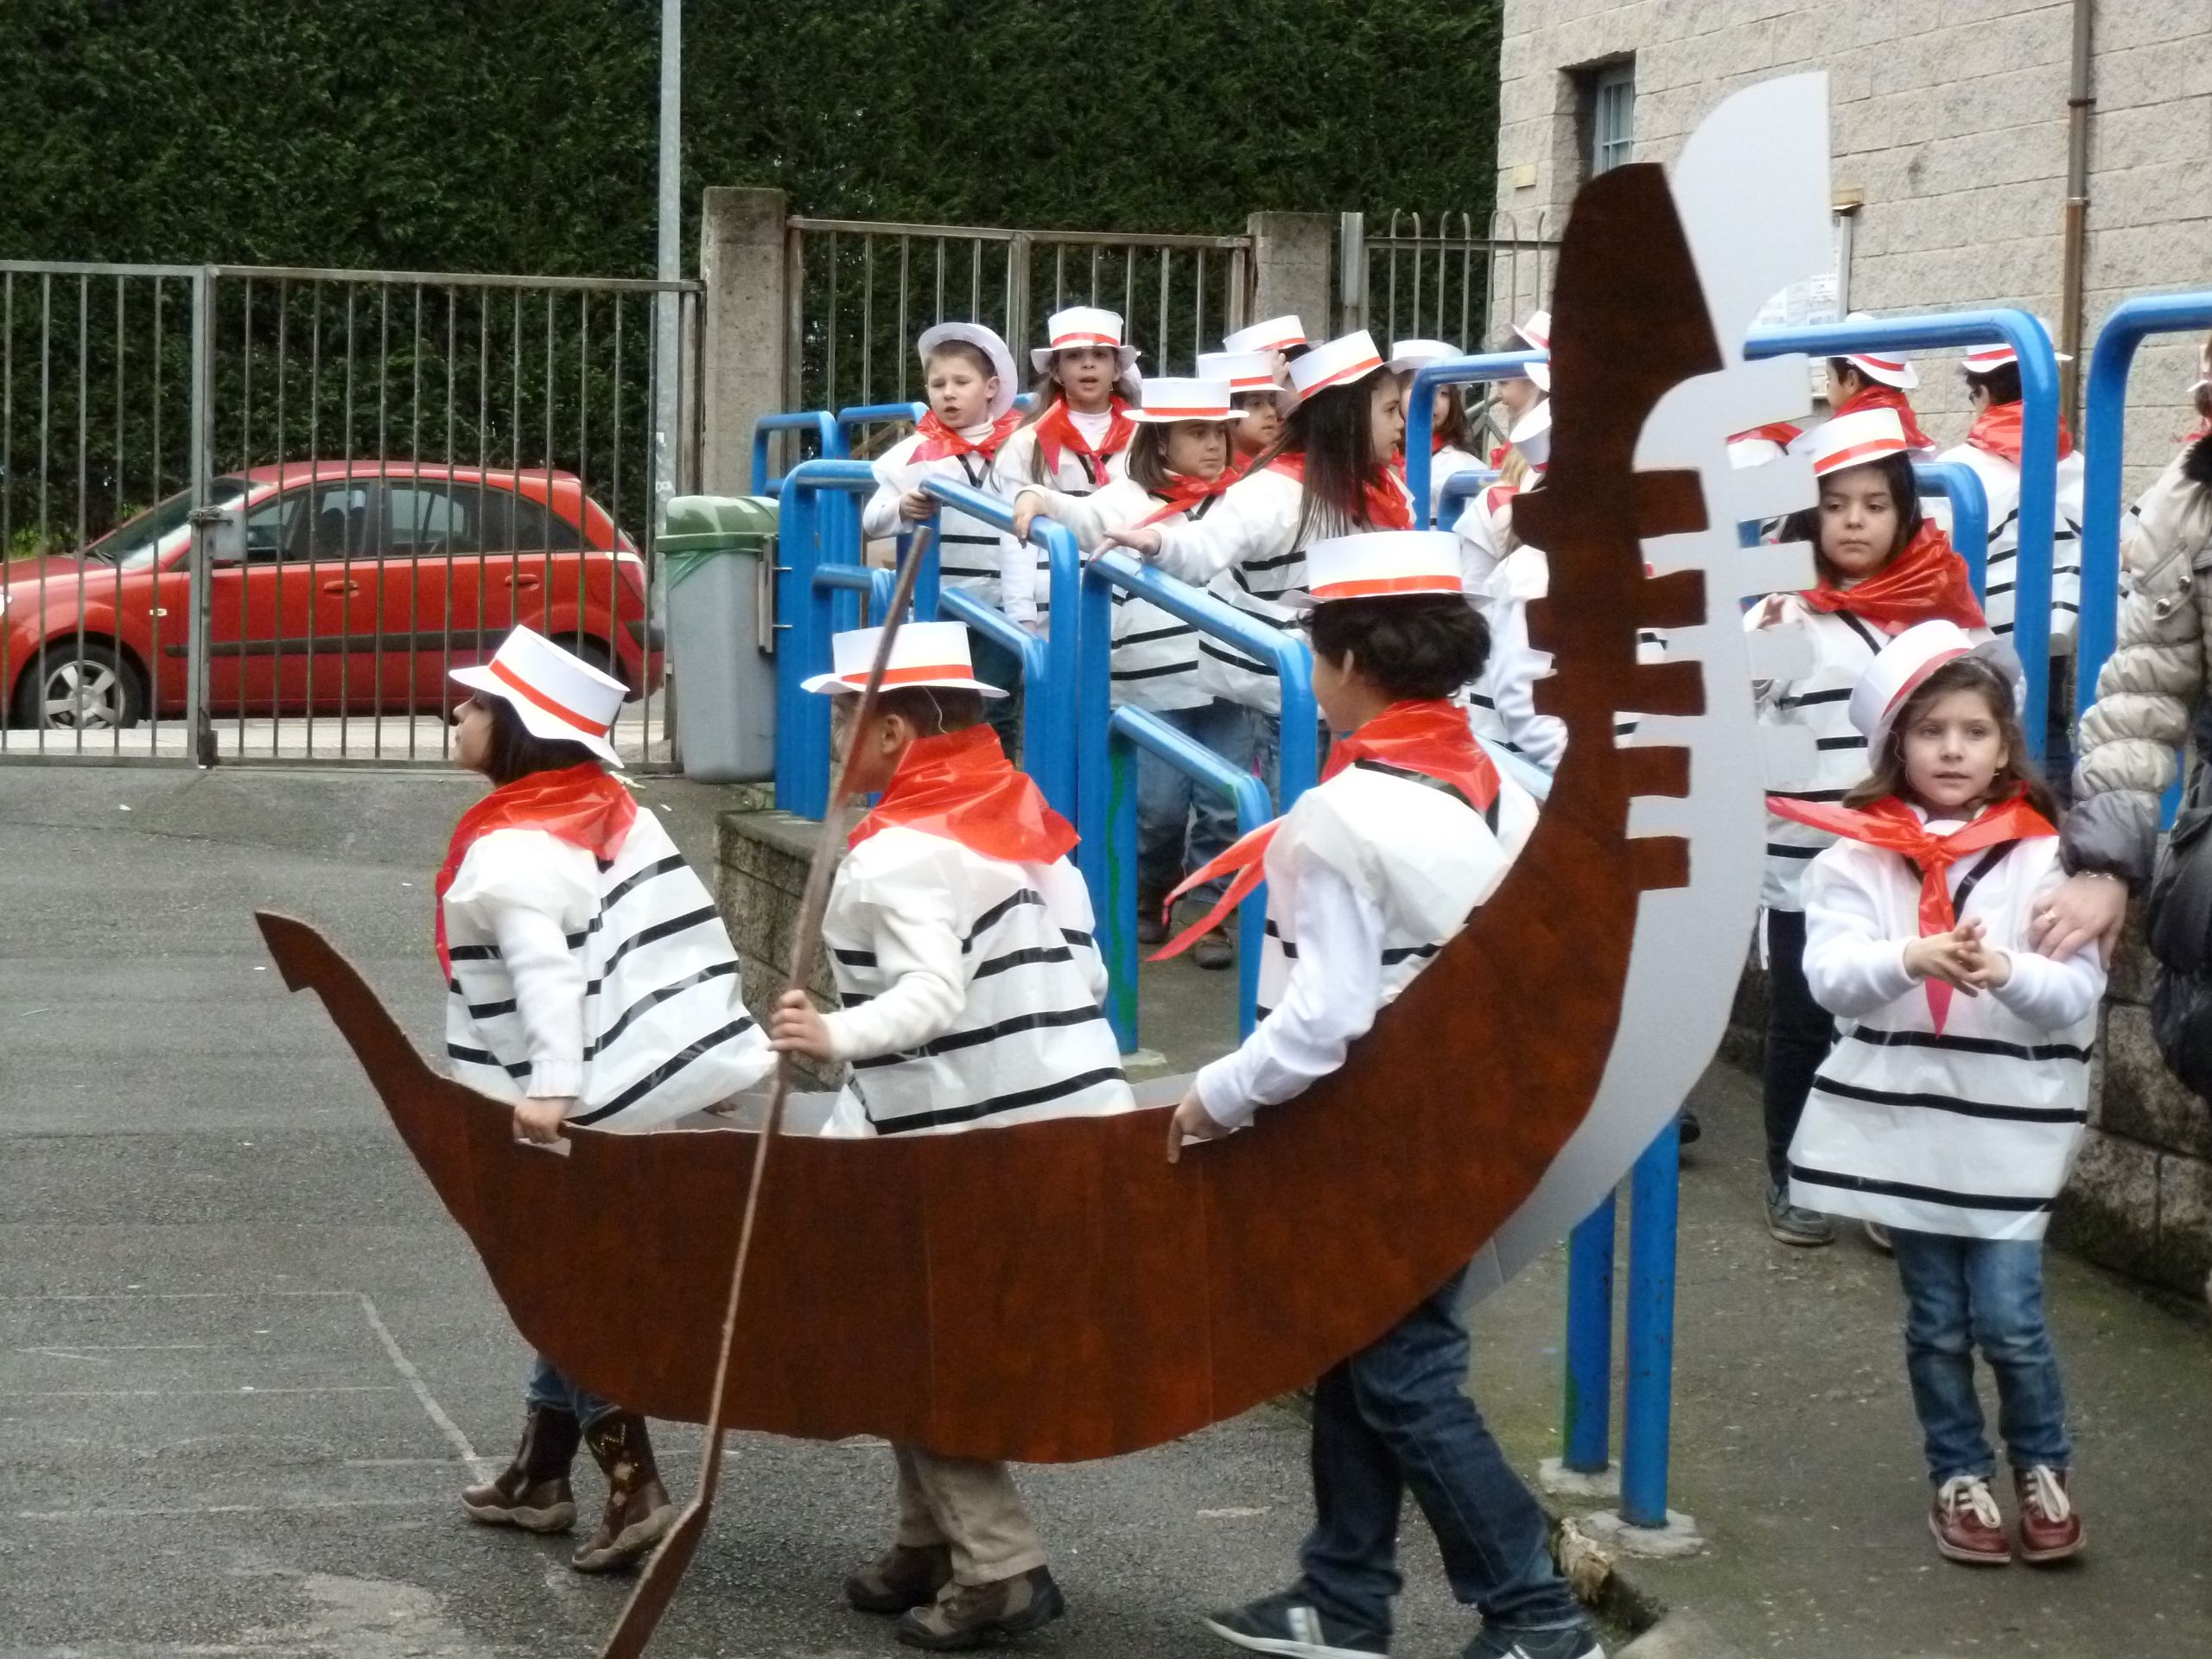 Gondoleros de Venecia.  02ed473e79d